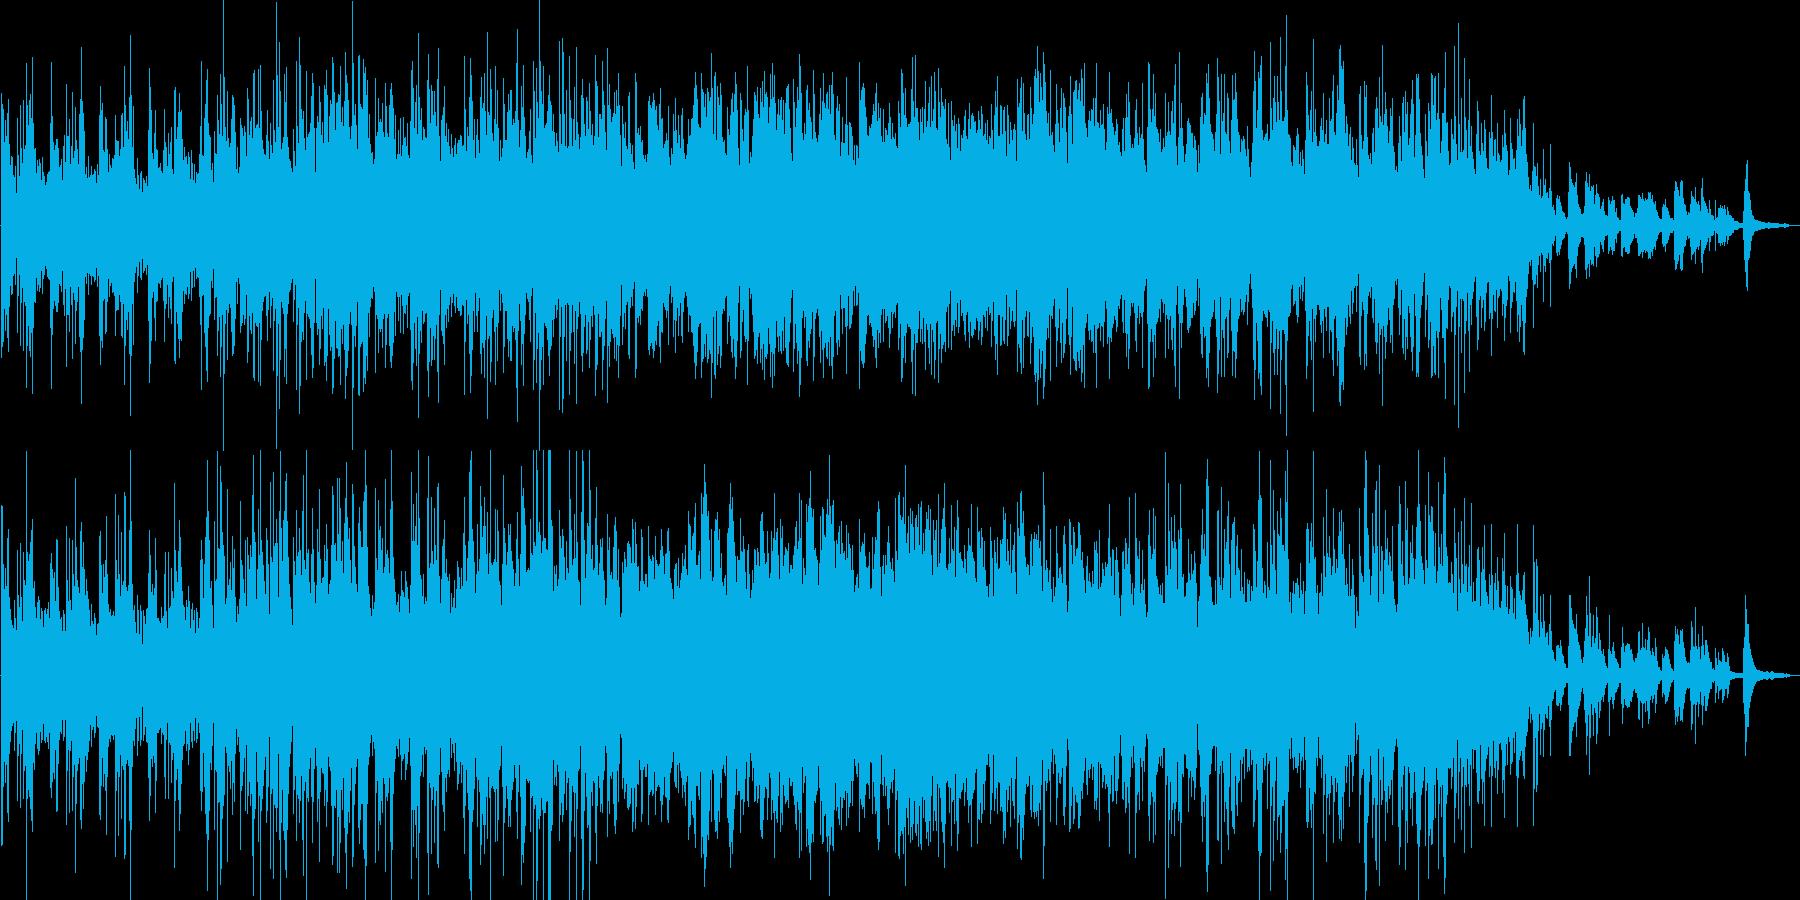 前向きになれる雰囲気の曲ですの再生済みの波形